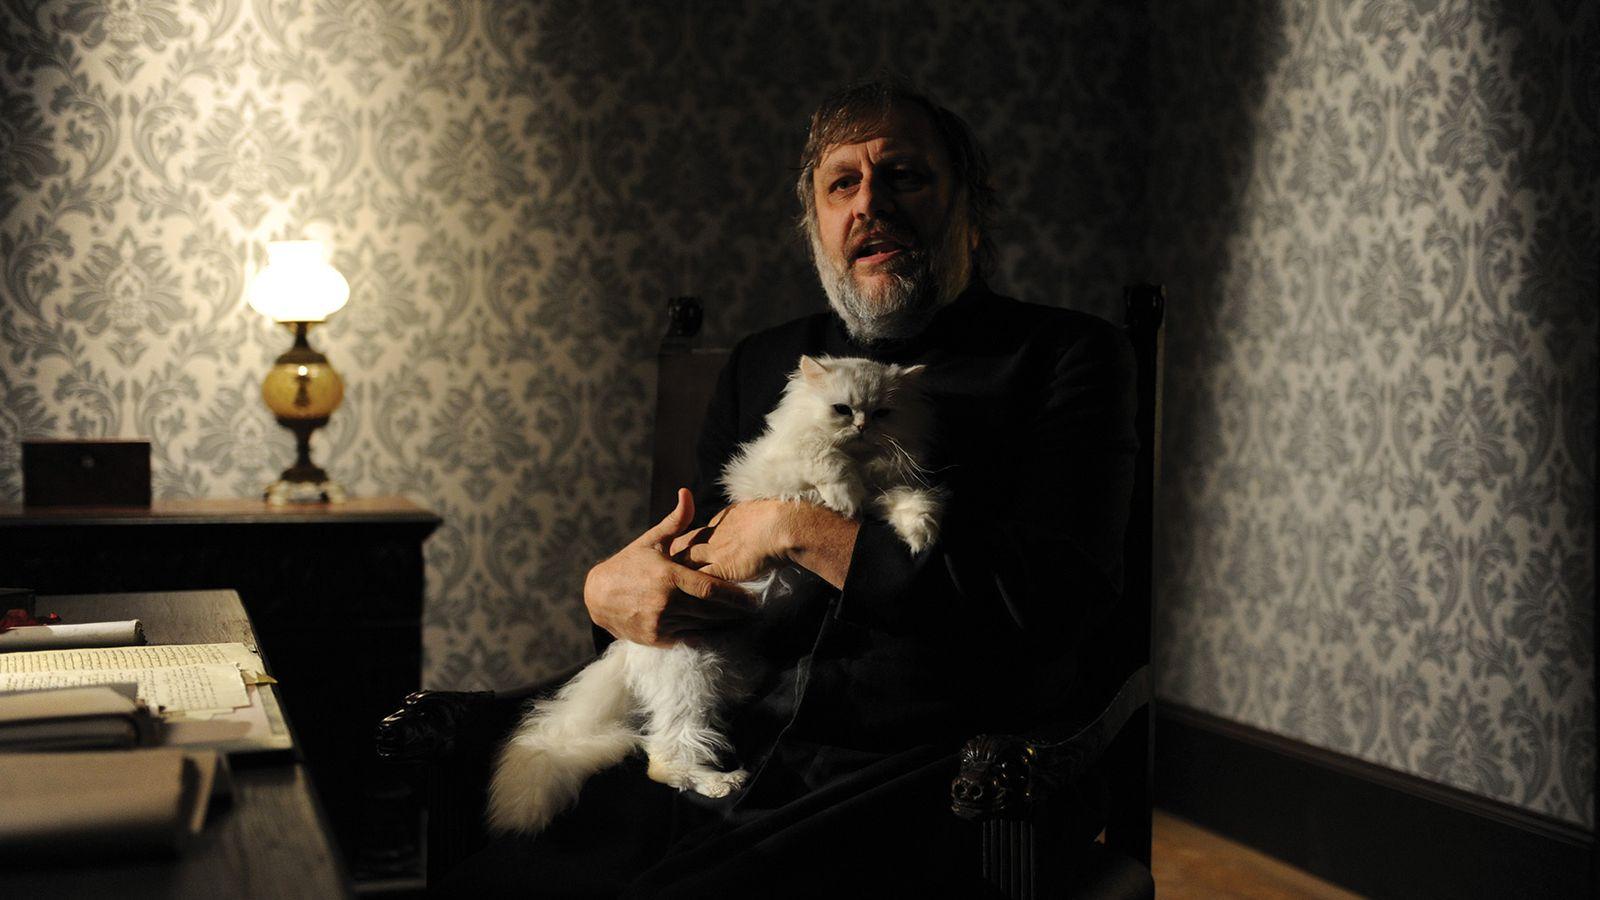 Foto: Slavoj Zizek en un documental de Sophie Fiennes